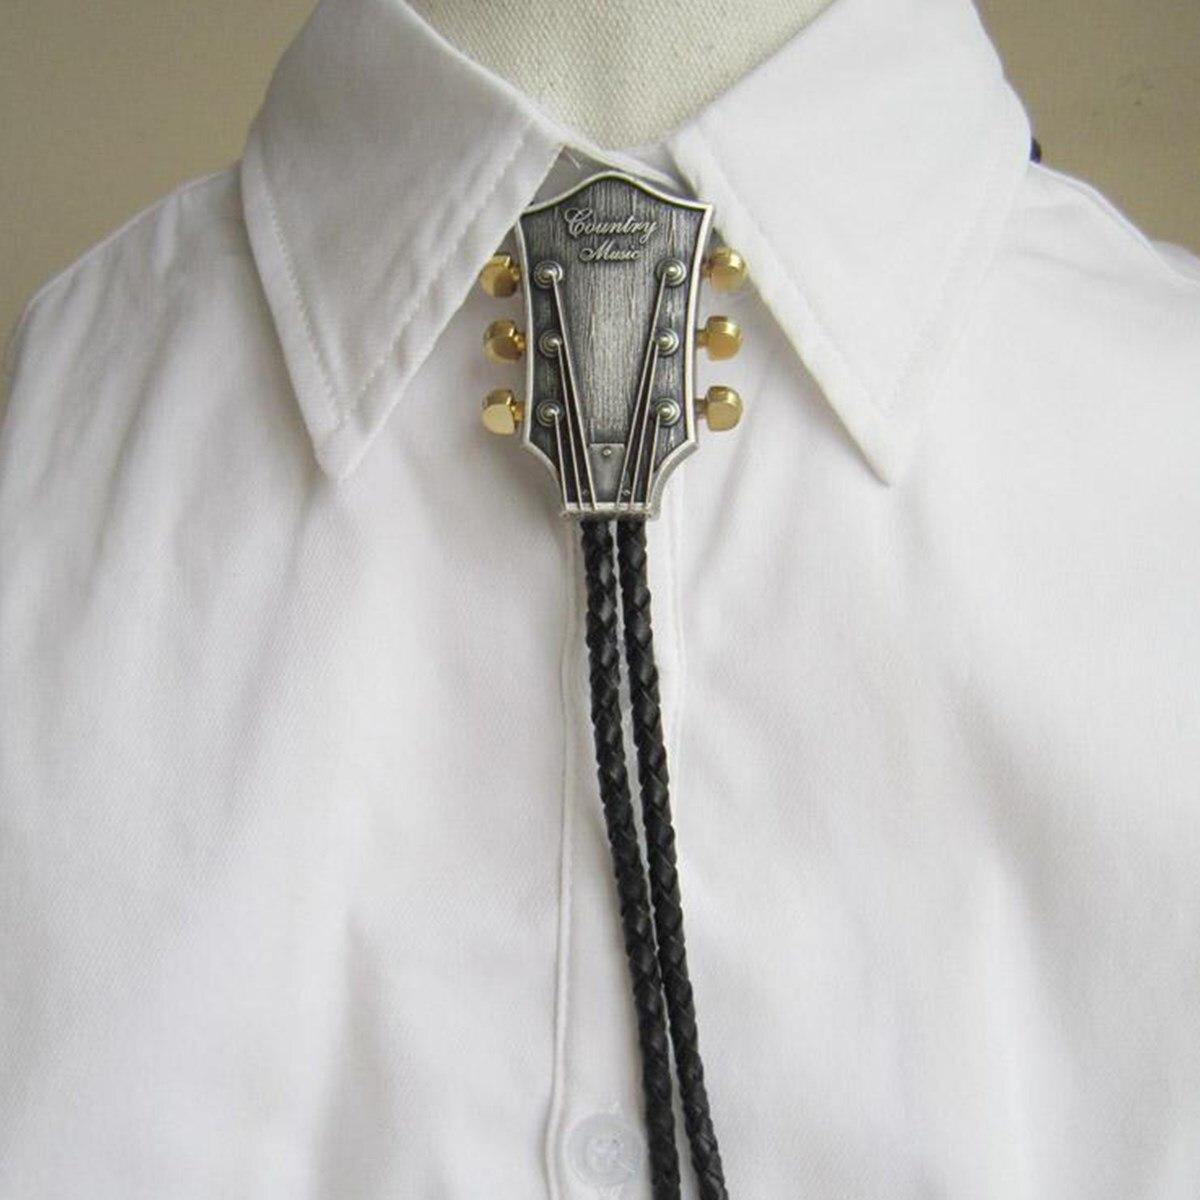 Männer Mode Bolo Tie Cowboy Männlichen Zubehör Schwarz Pu-leder Bolo Tie Mit